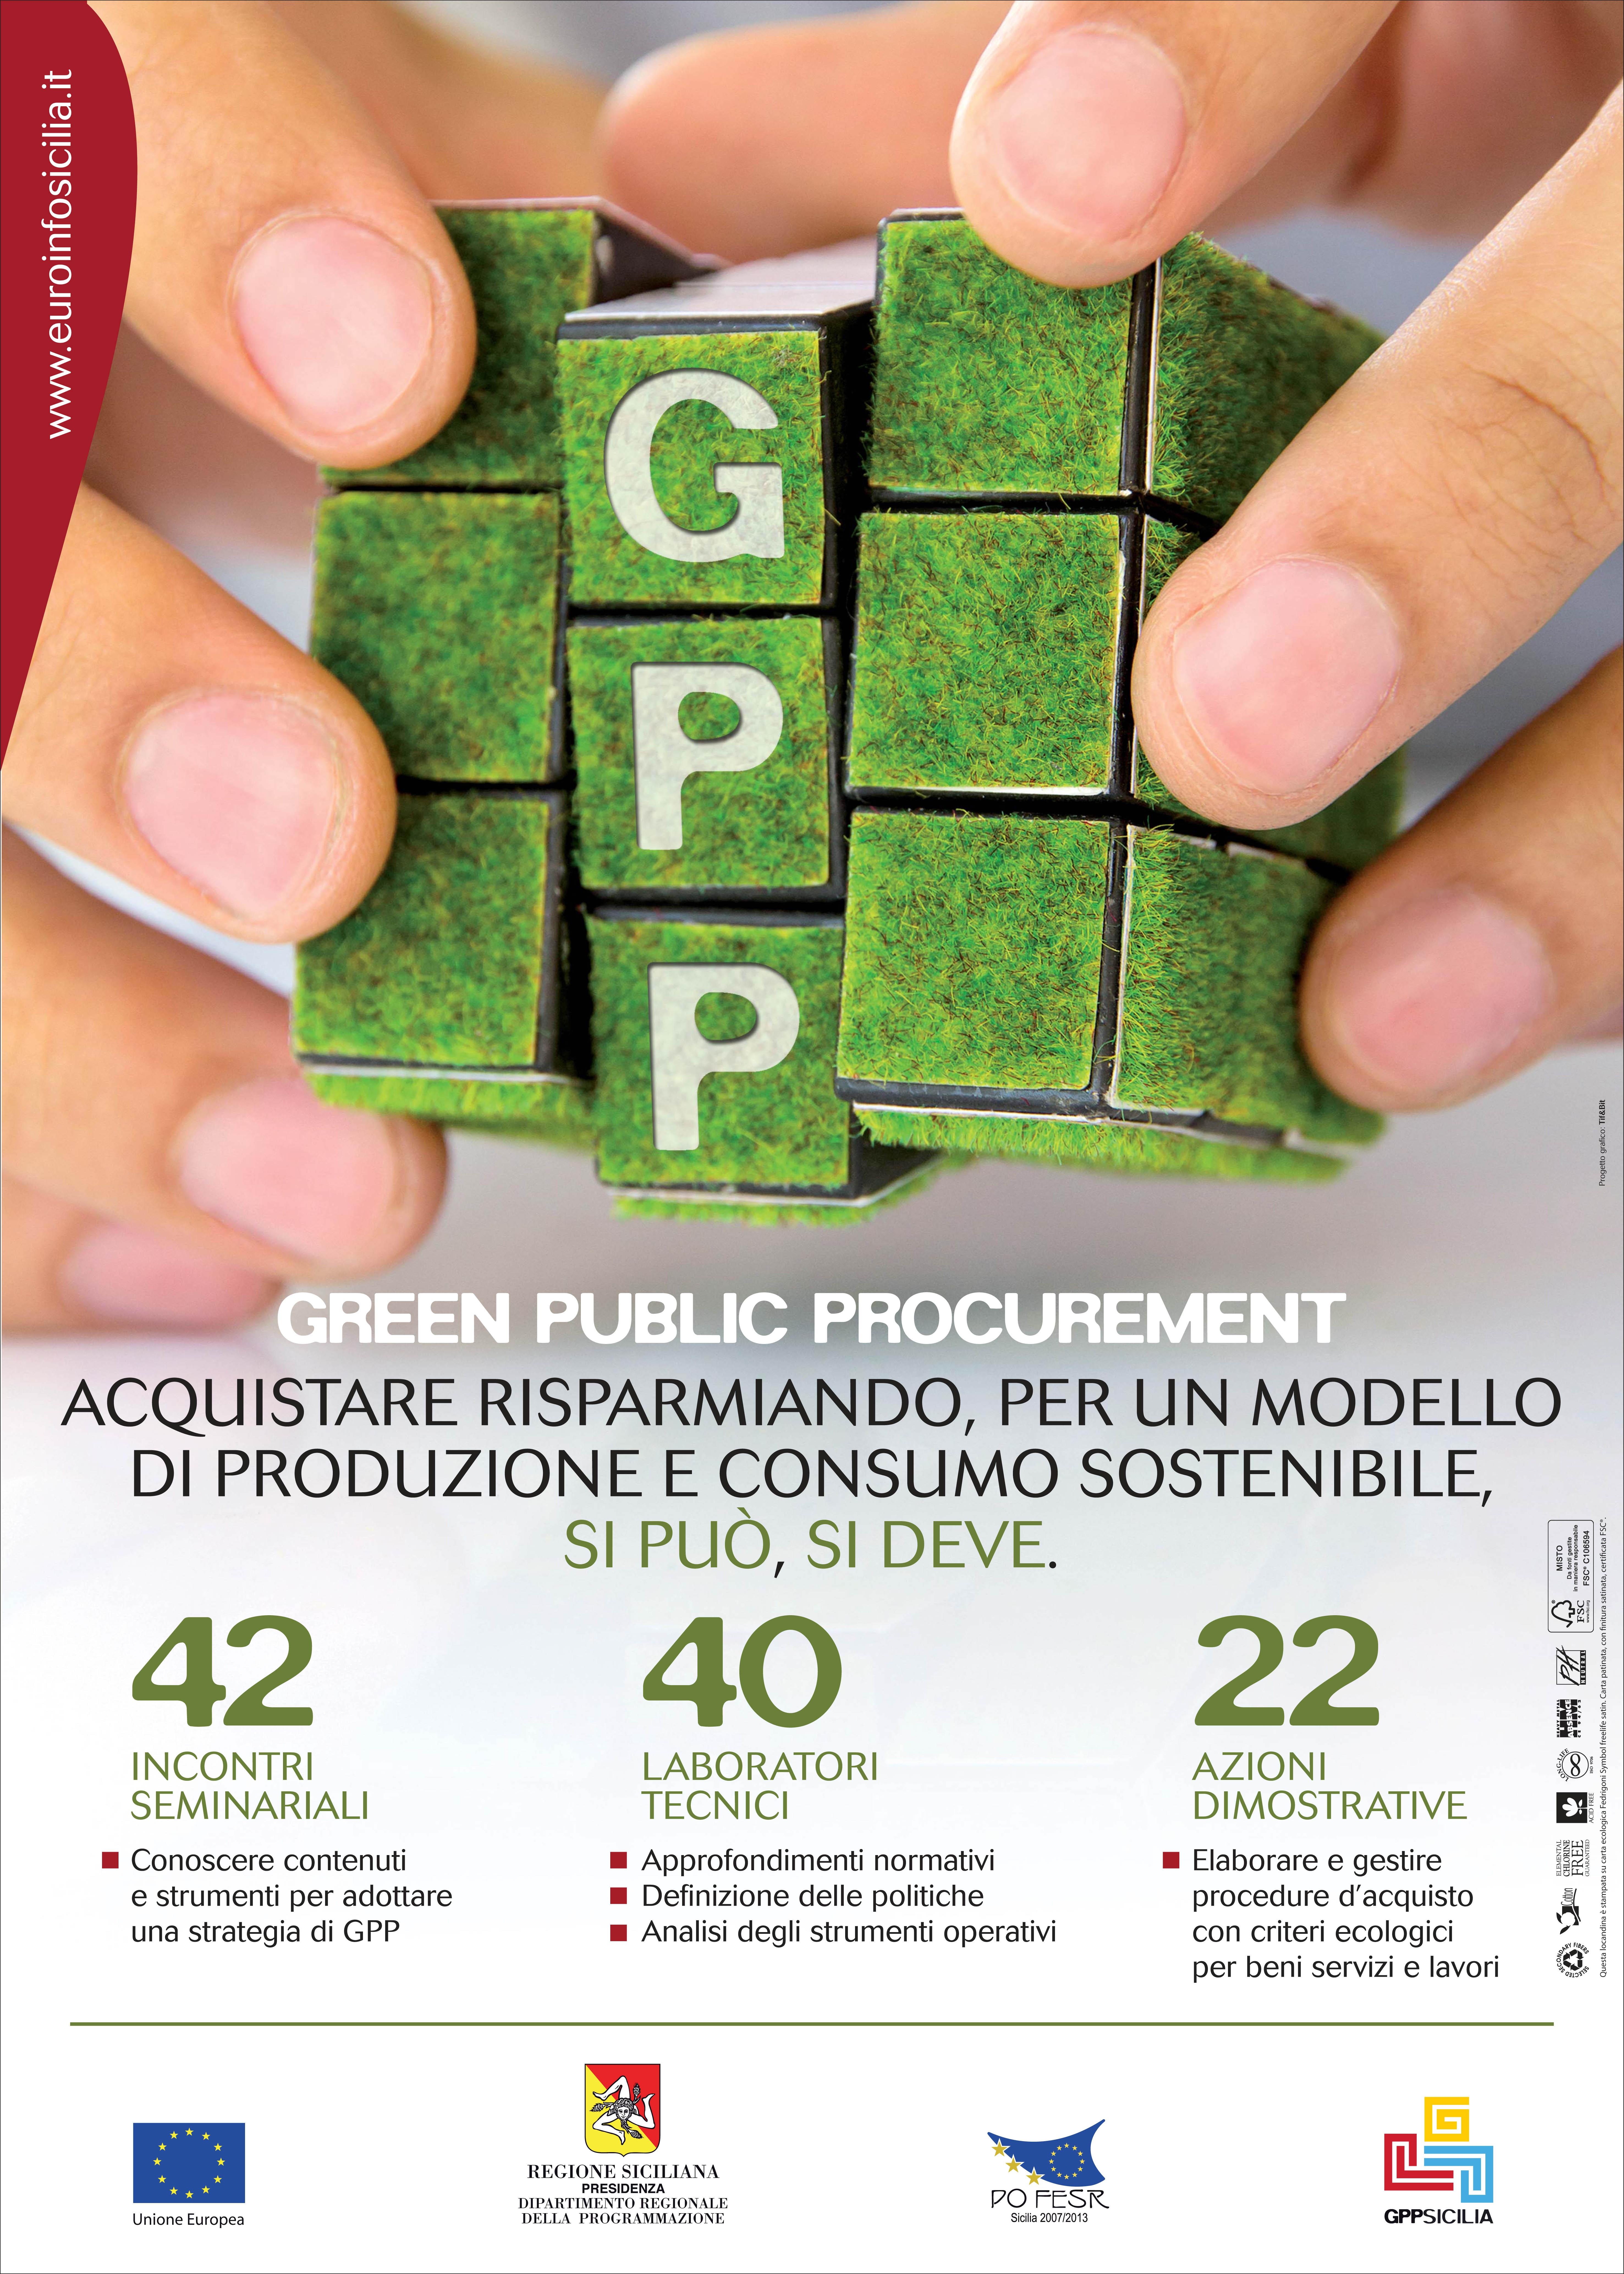 Esec. Locandina Gpp Sicilia 50×70 cm:Layout 1